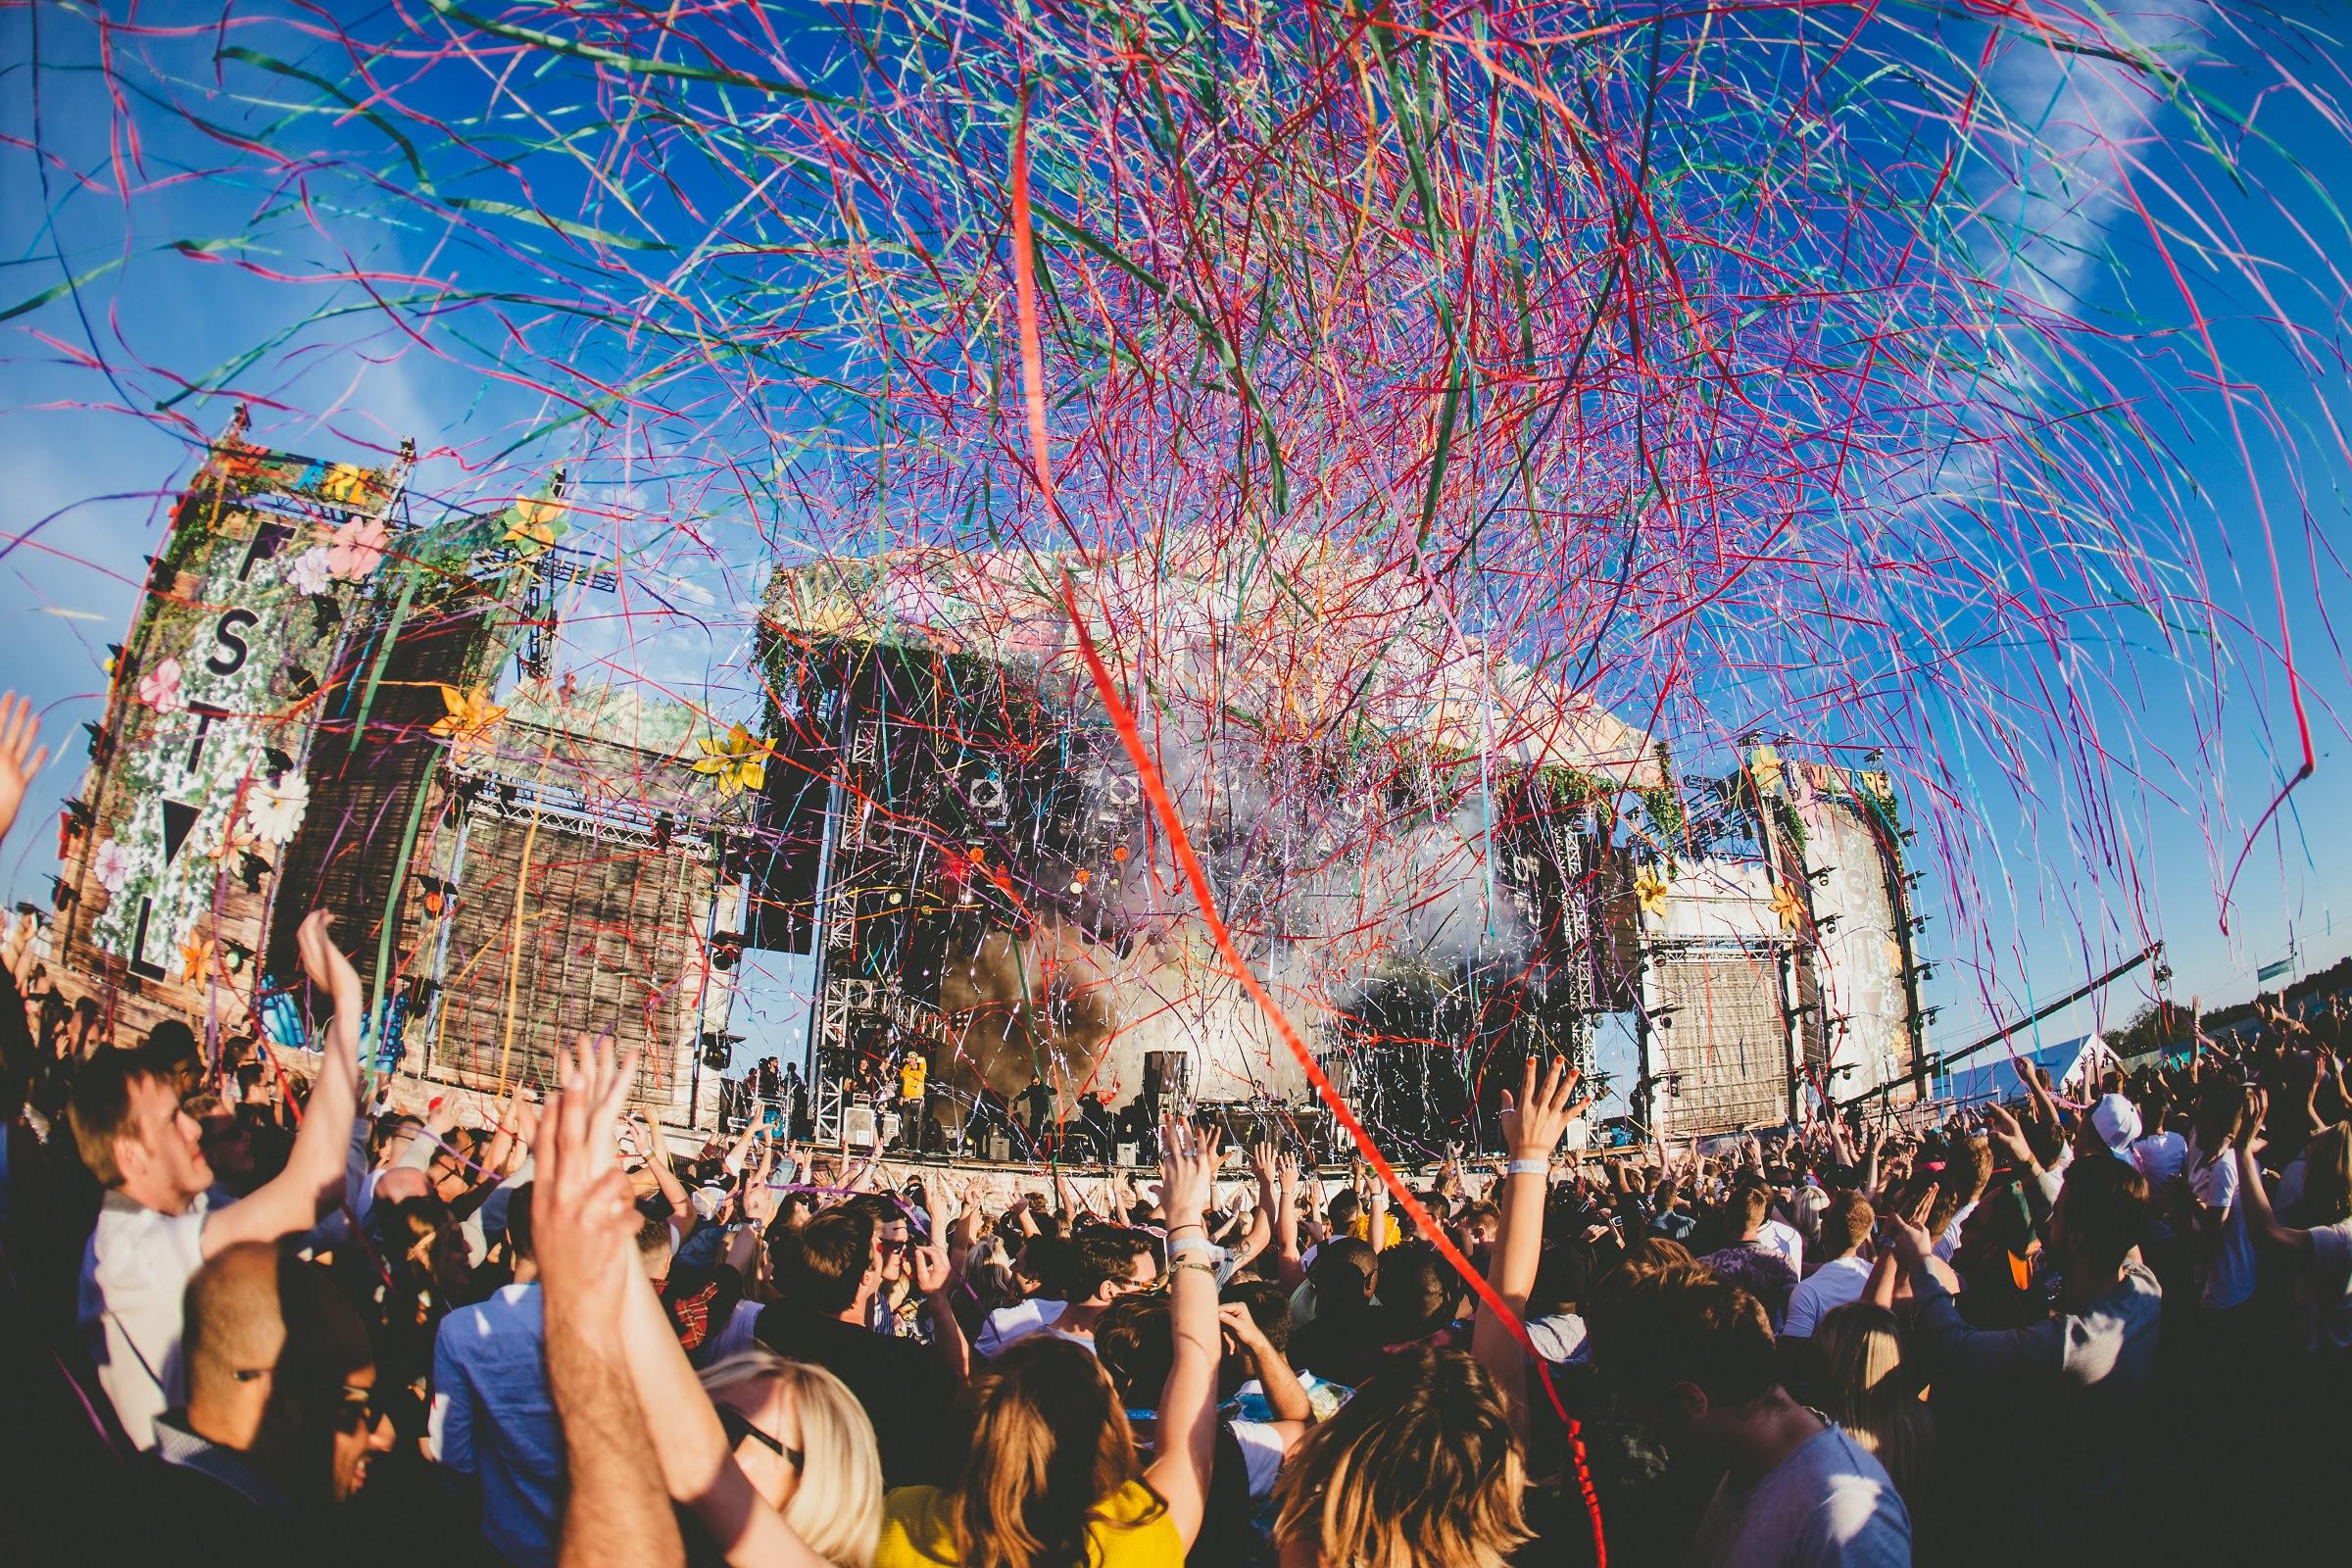 foto: © Paul Underhill van podium op festival met publiek ervoor met confetti in lucht